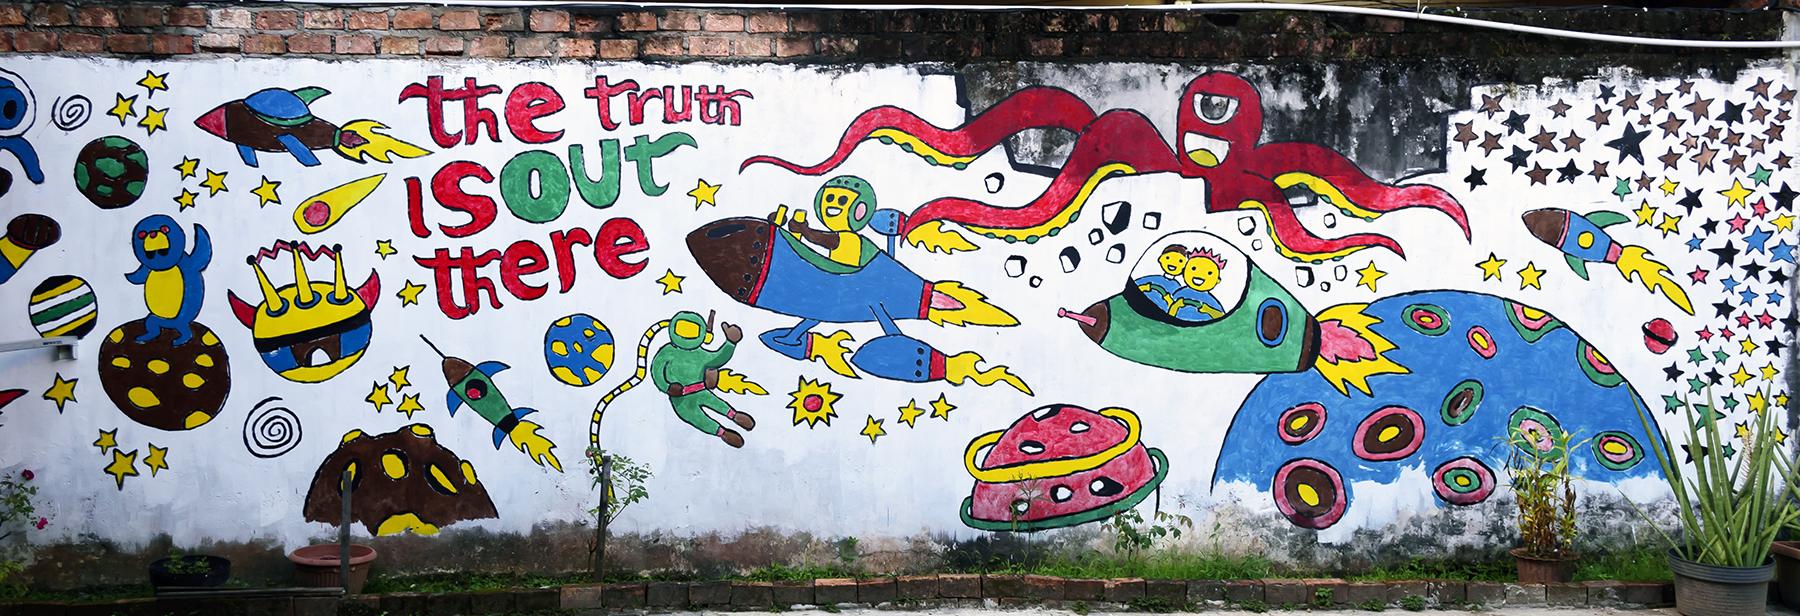 mural_studio